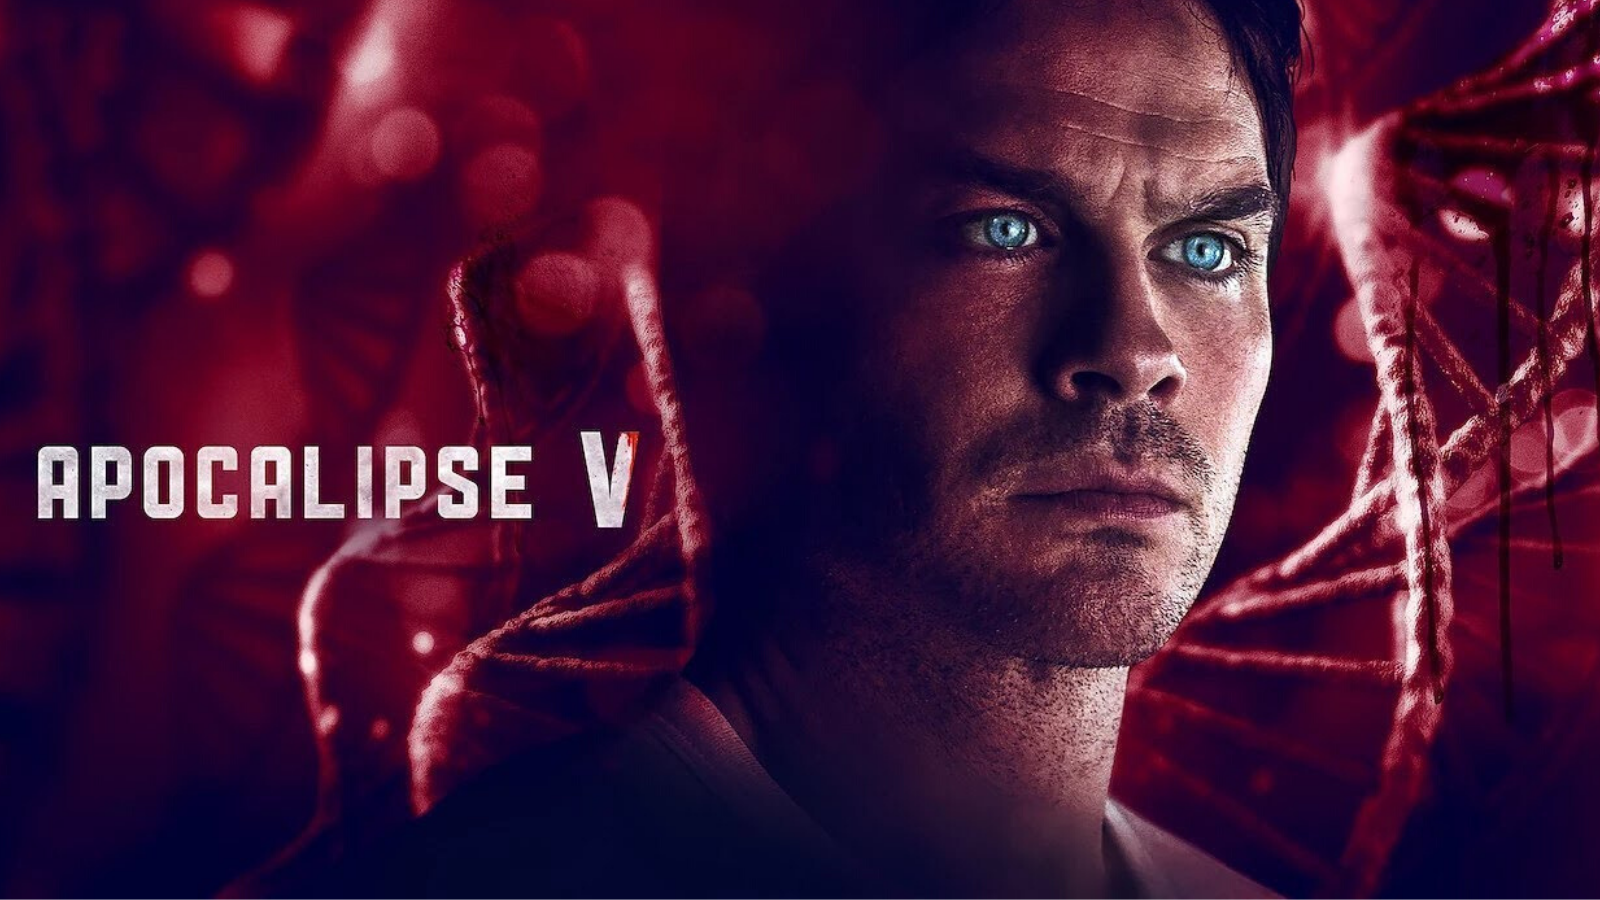 Com 10 episódios, a série acaba de chegar ao catálogo da Netflix e promete arrebatar o coraçãozinho dos fãs.